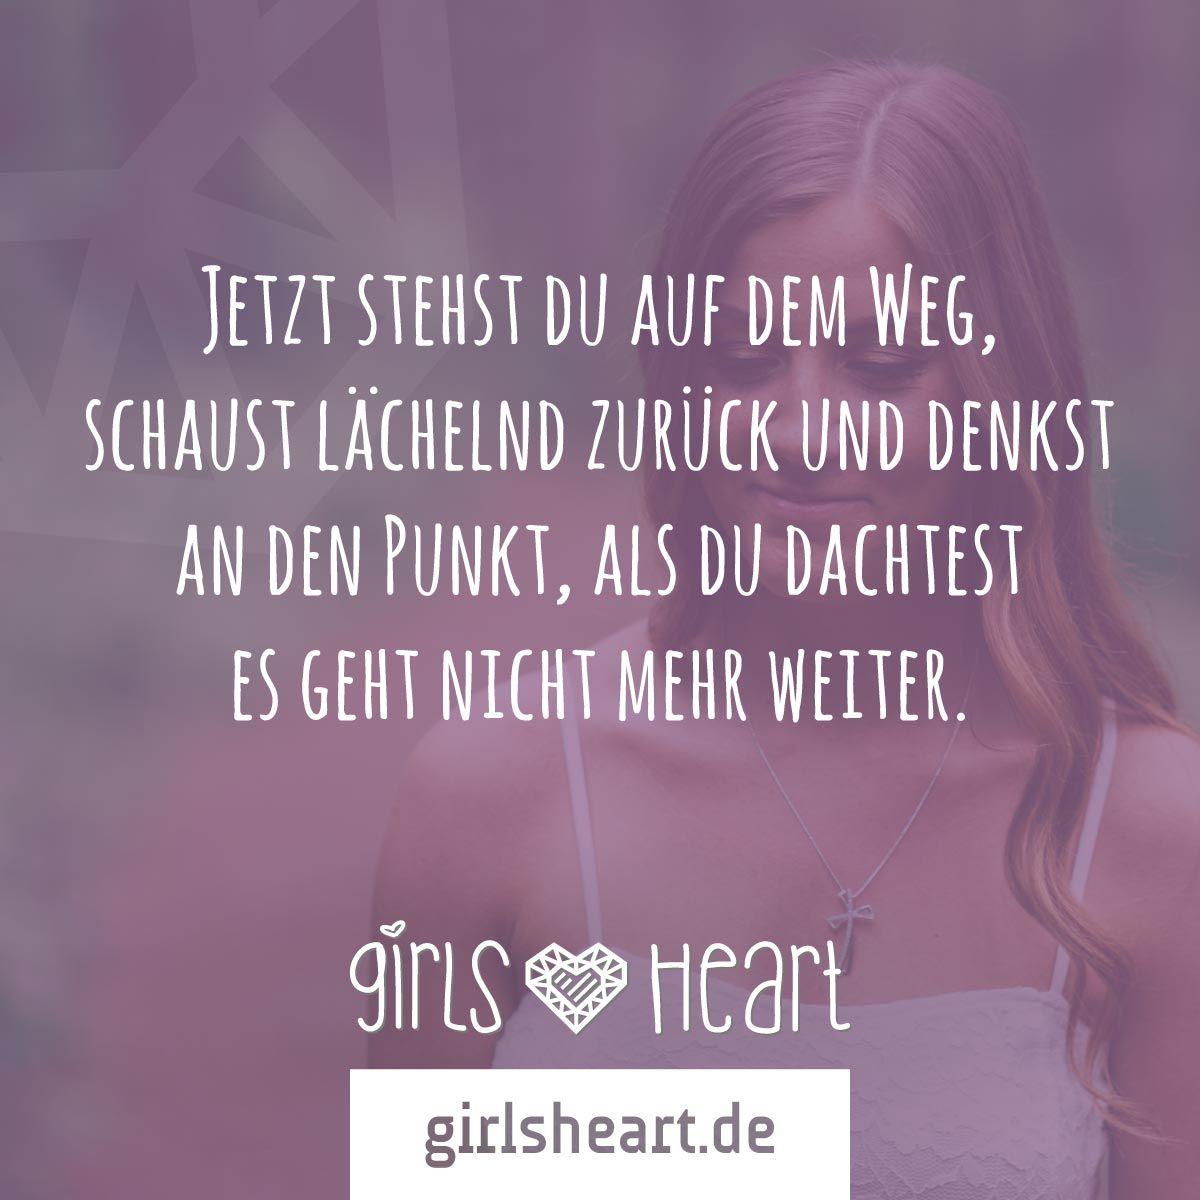 mehr sprüche auf: www.girlsheart.de #zeit #bald #jetzt #nie